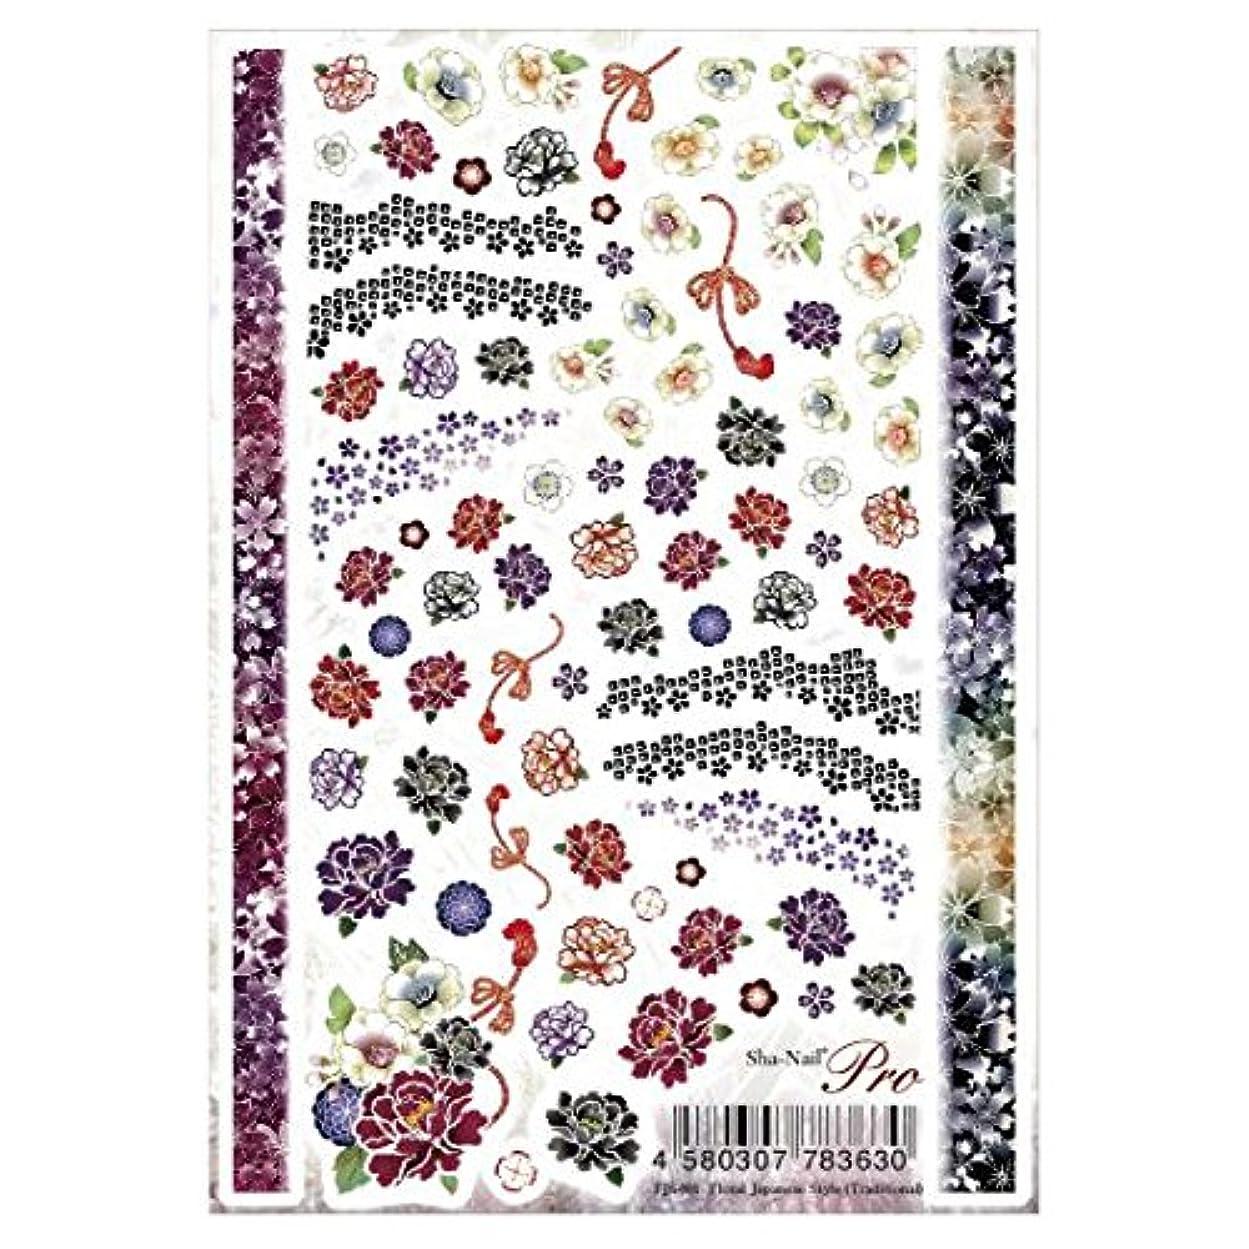 ただやる驚きチャート写ネイルプロ ネイルシール 和の花 トラディショナル アート材